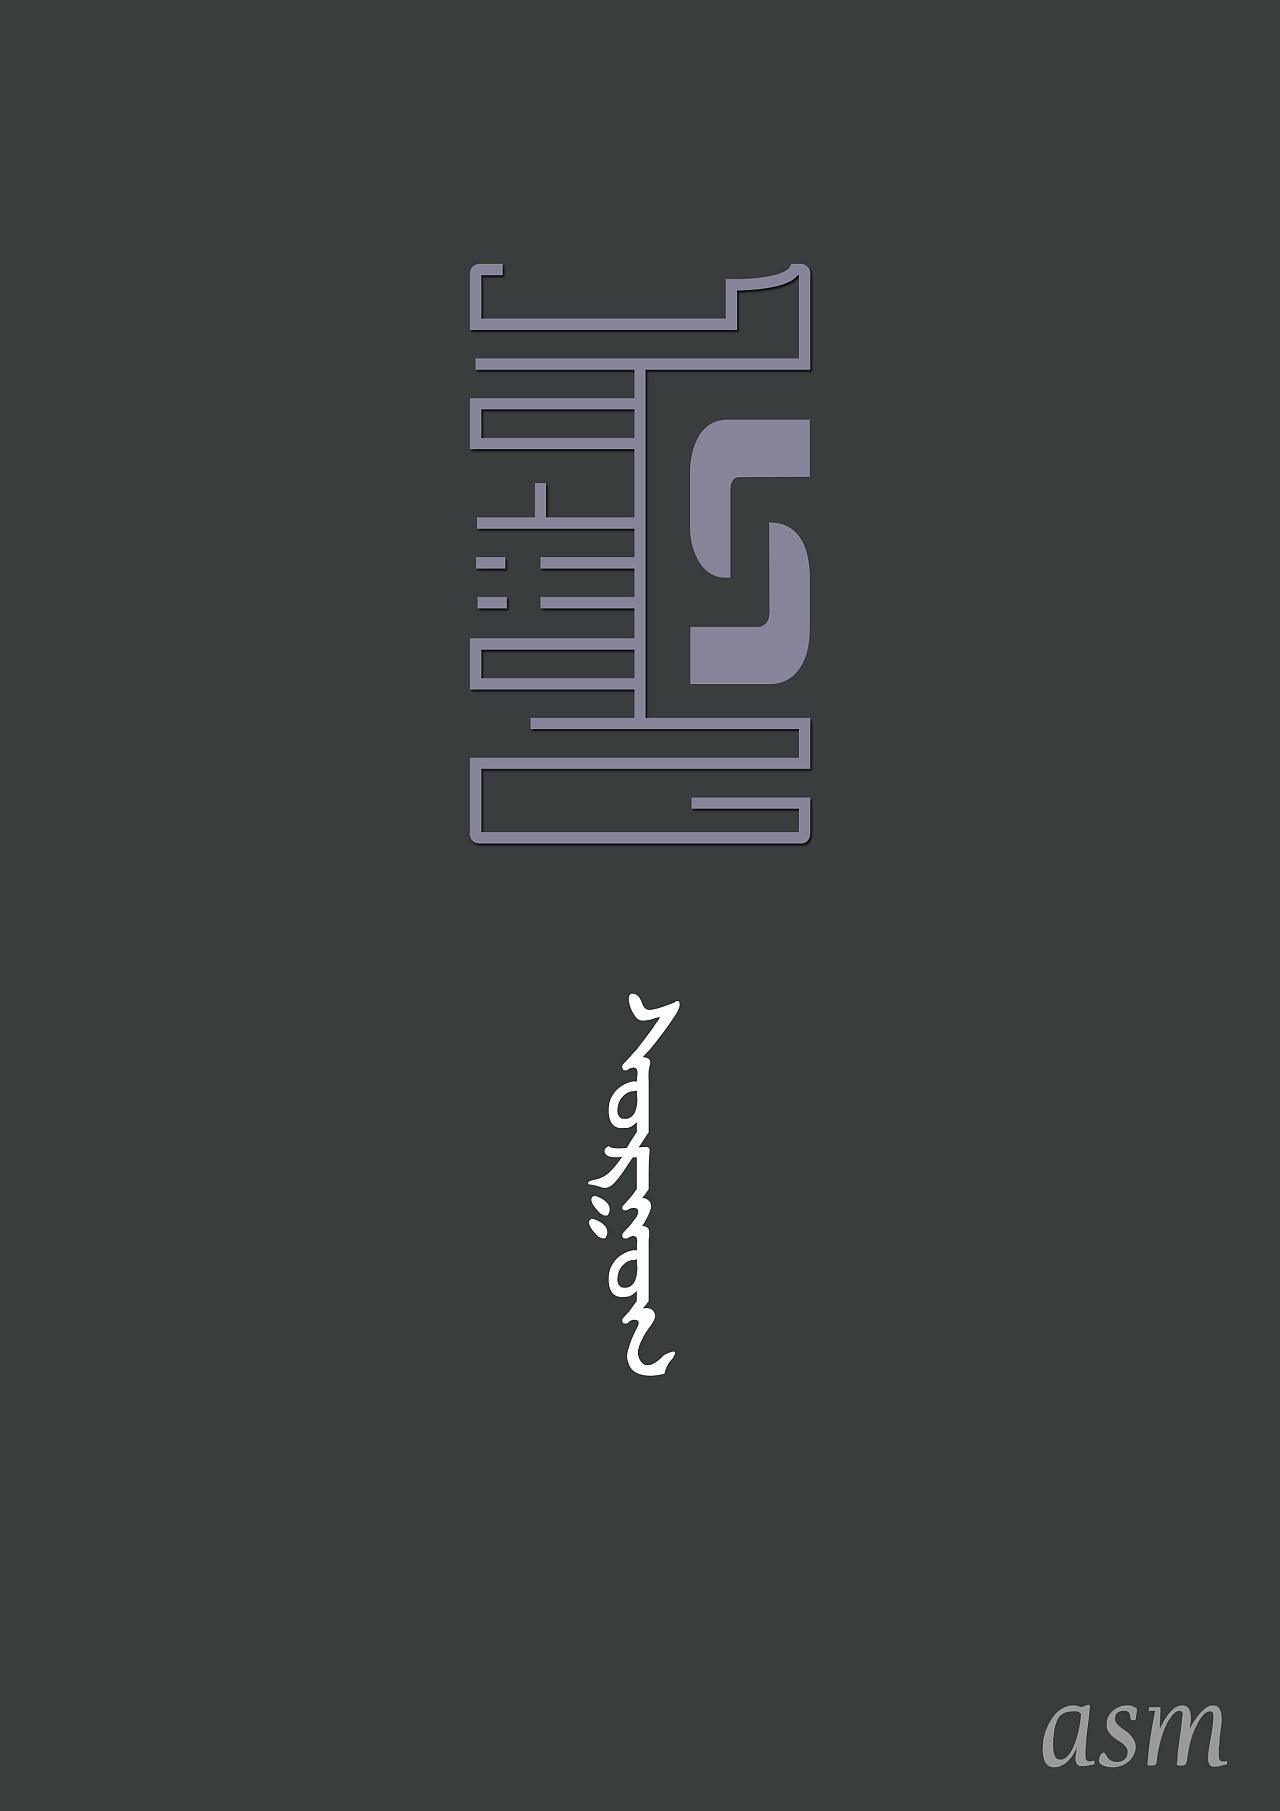 蒙古艺术文字2 -阿斯玛设计 第5张 蒙古艺术文字2 -阿斯玛设计 蒙古设计